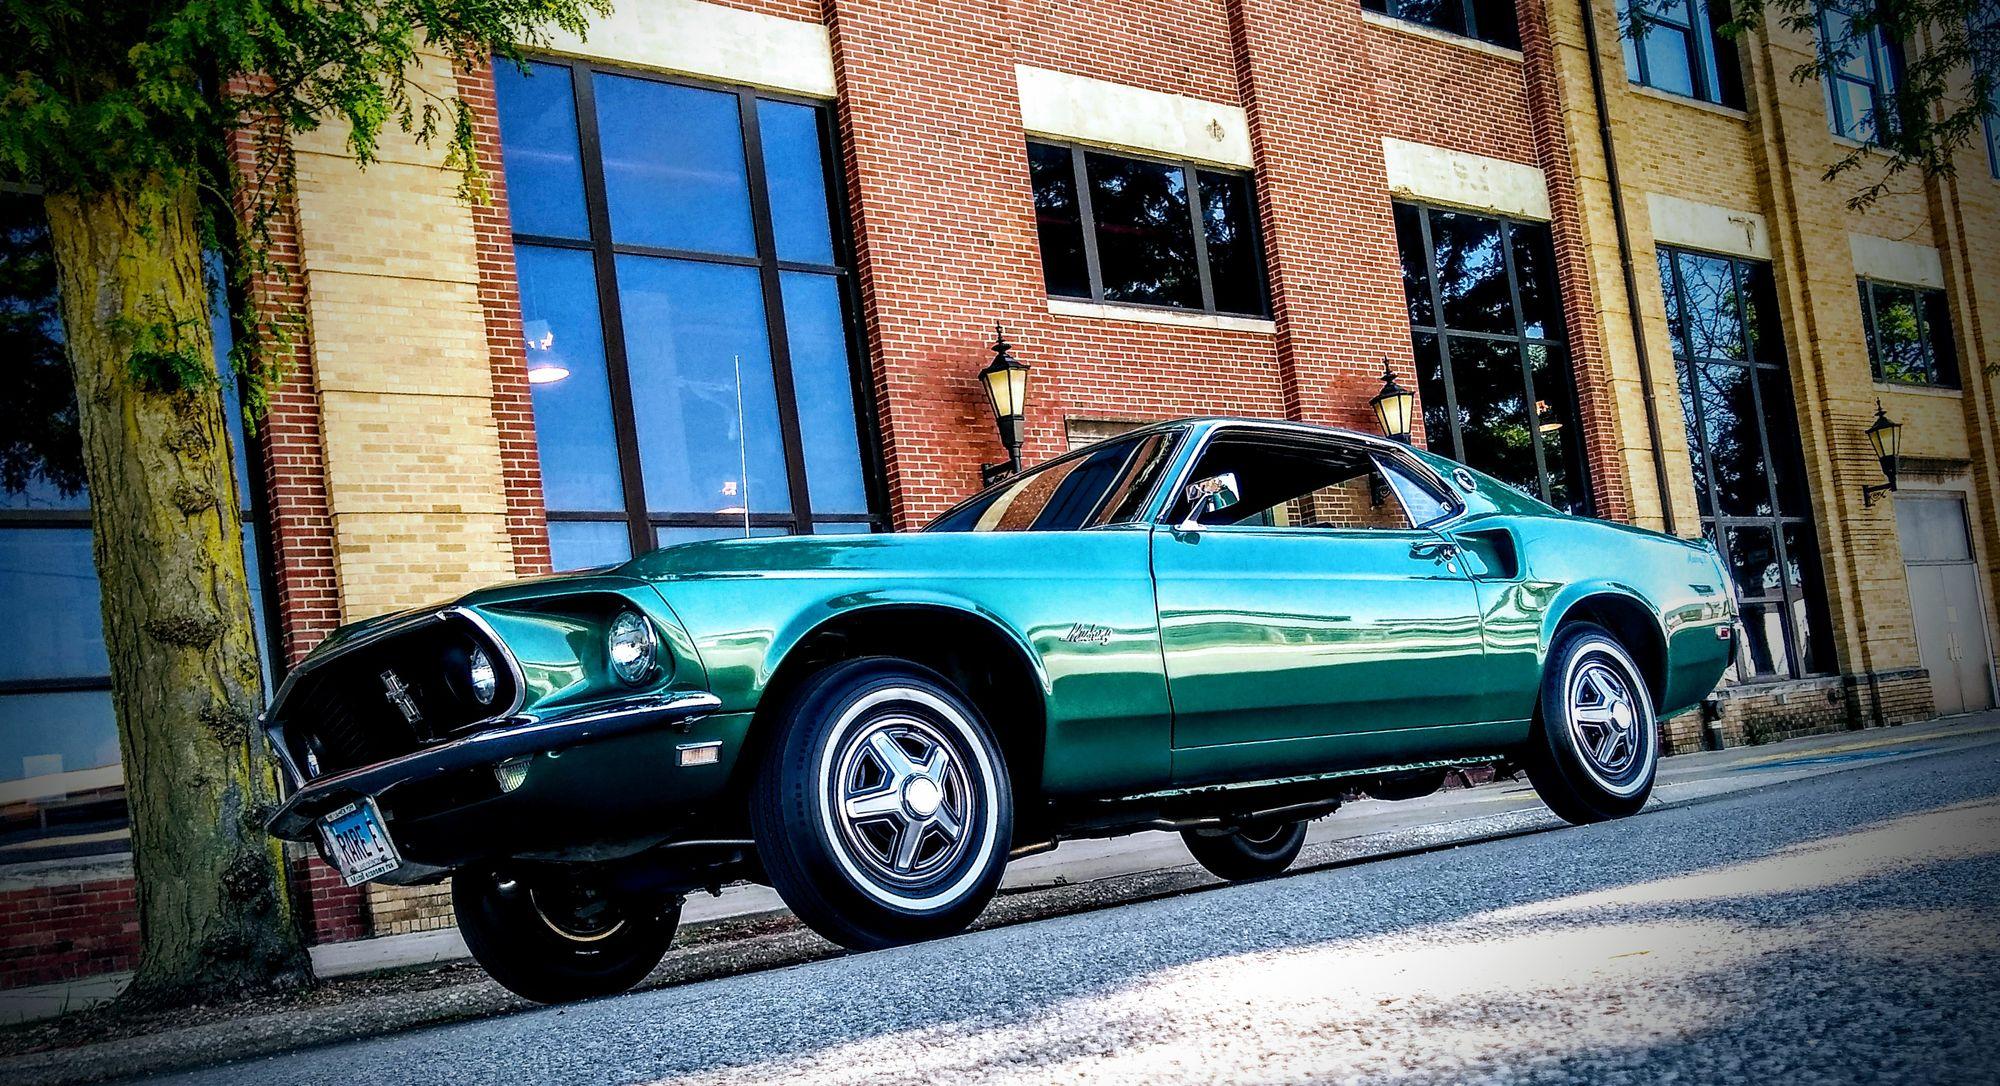 Reader's Rides: Ultra-Rare Mustang E Restoration